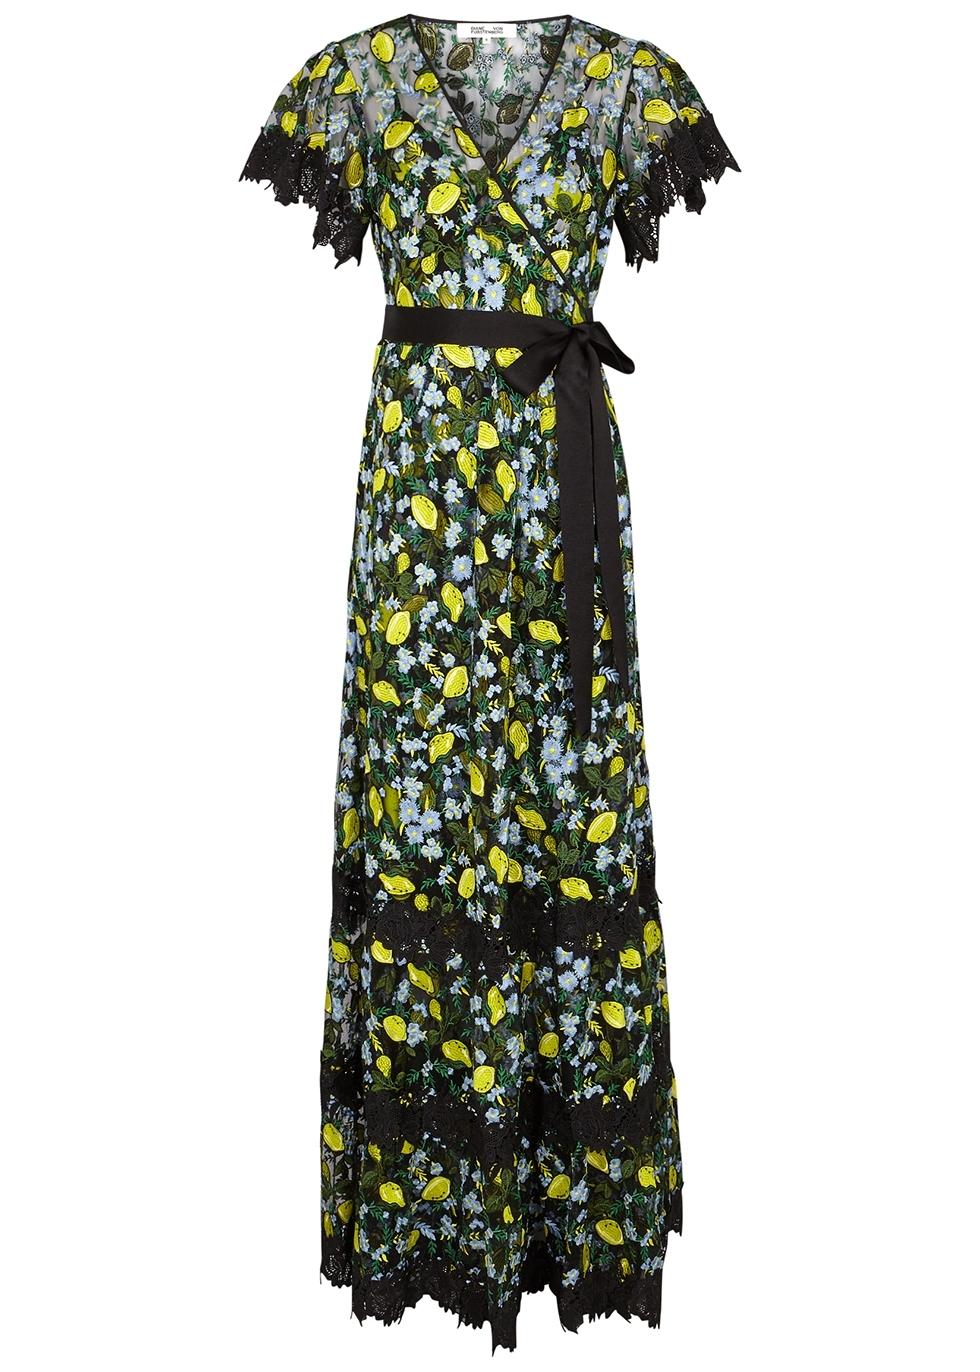 473af87317 Diane von Furstenberg Dresses, Shirts, Tops, Jackets - Harvey Nichols